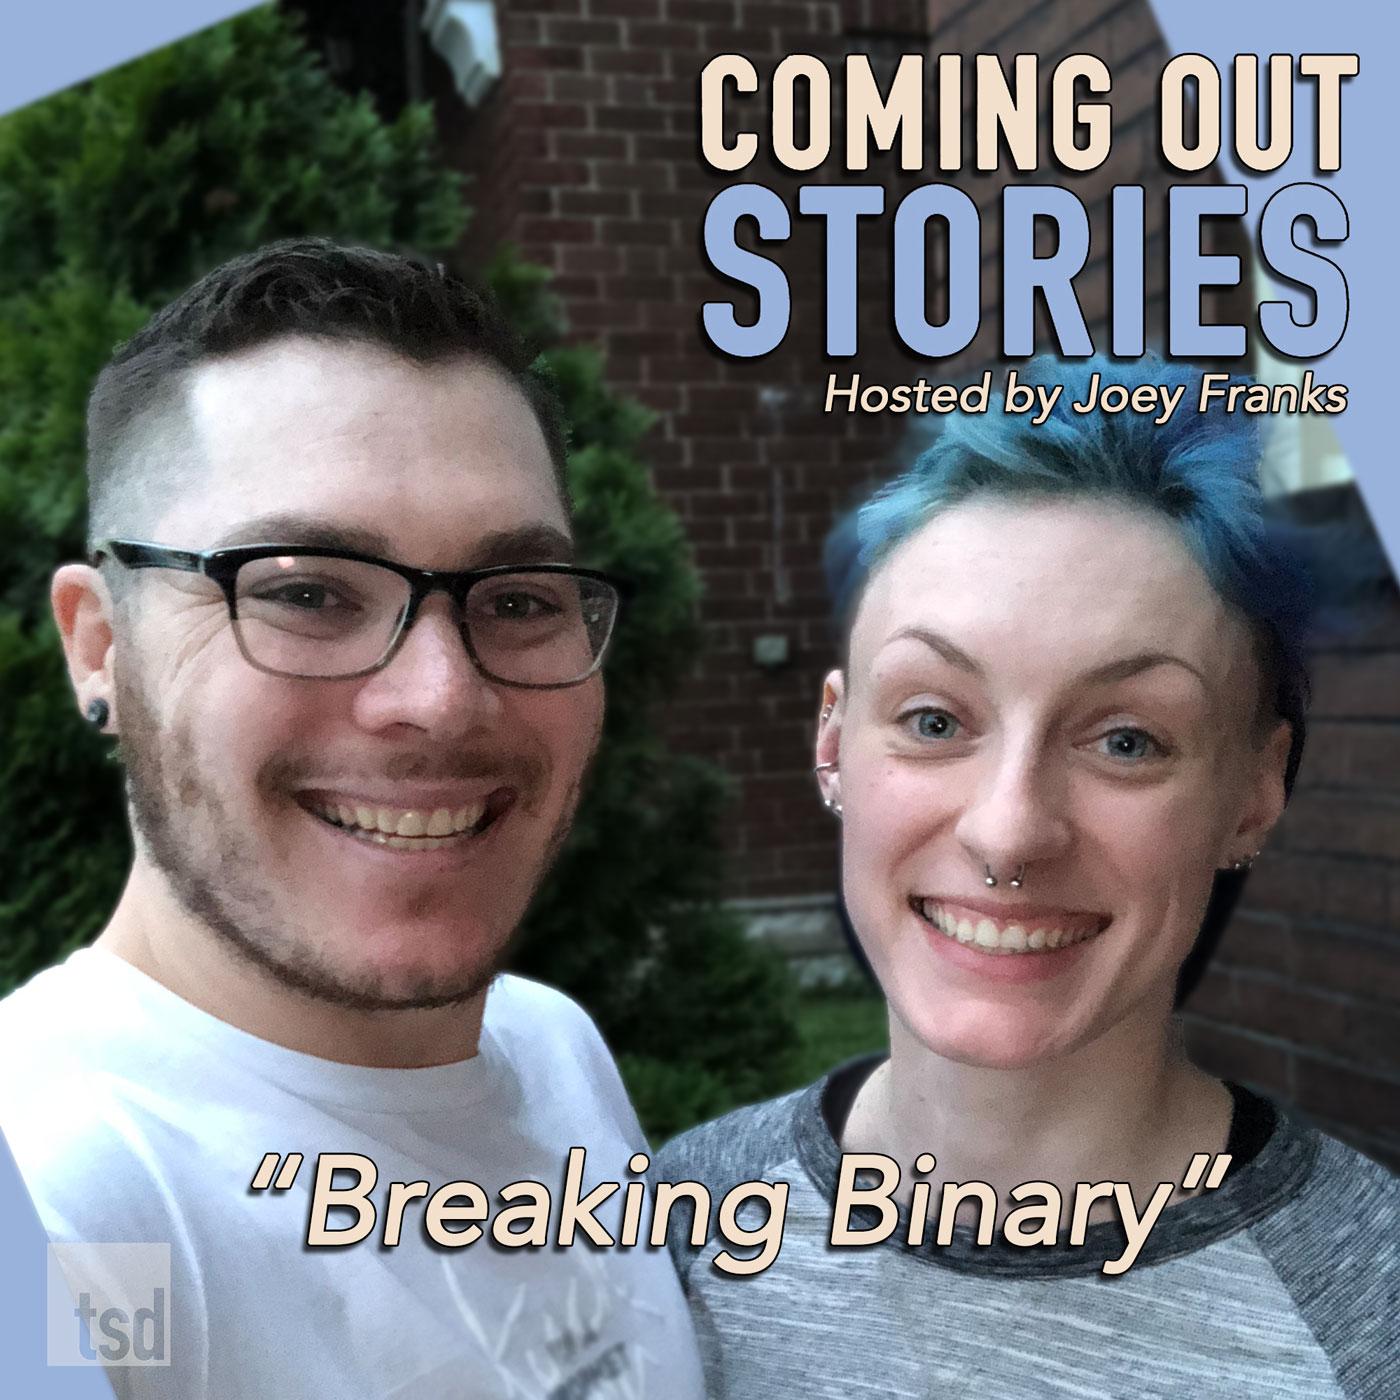 Breaking Binary